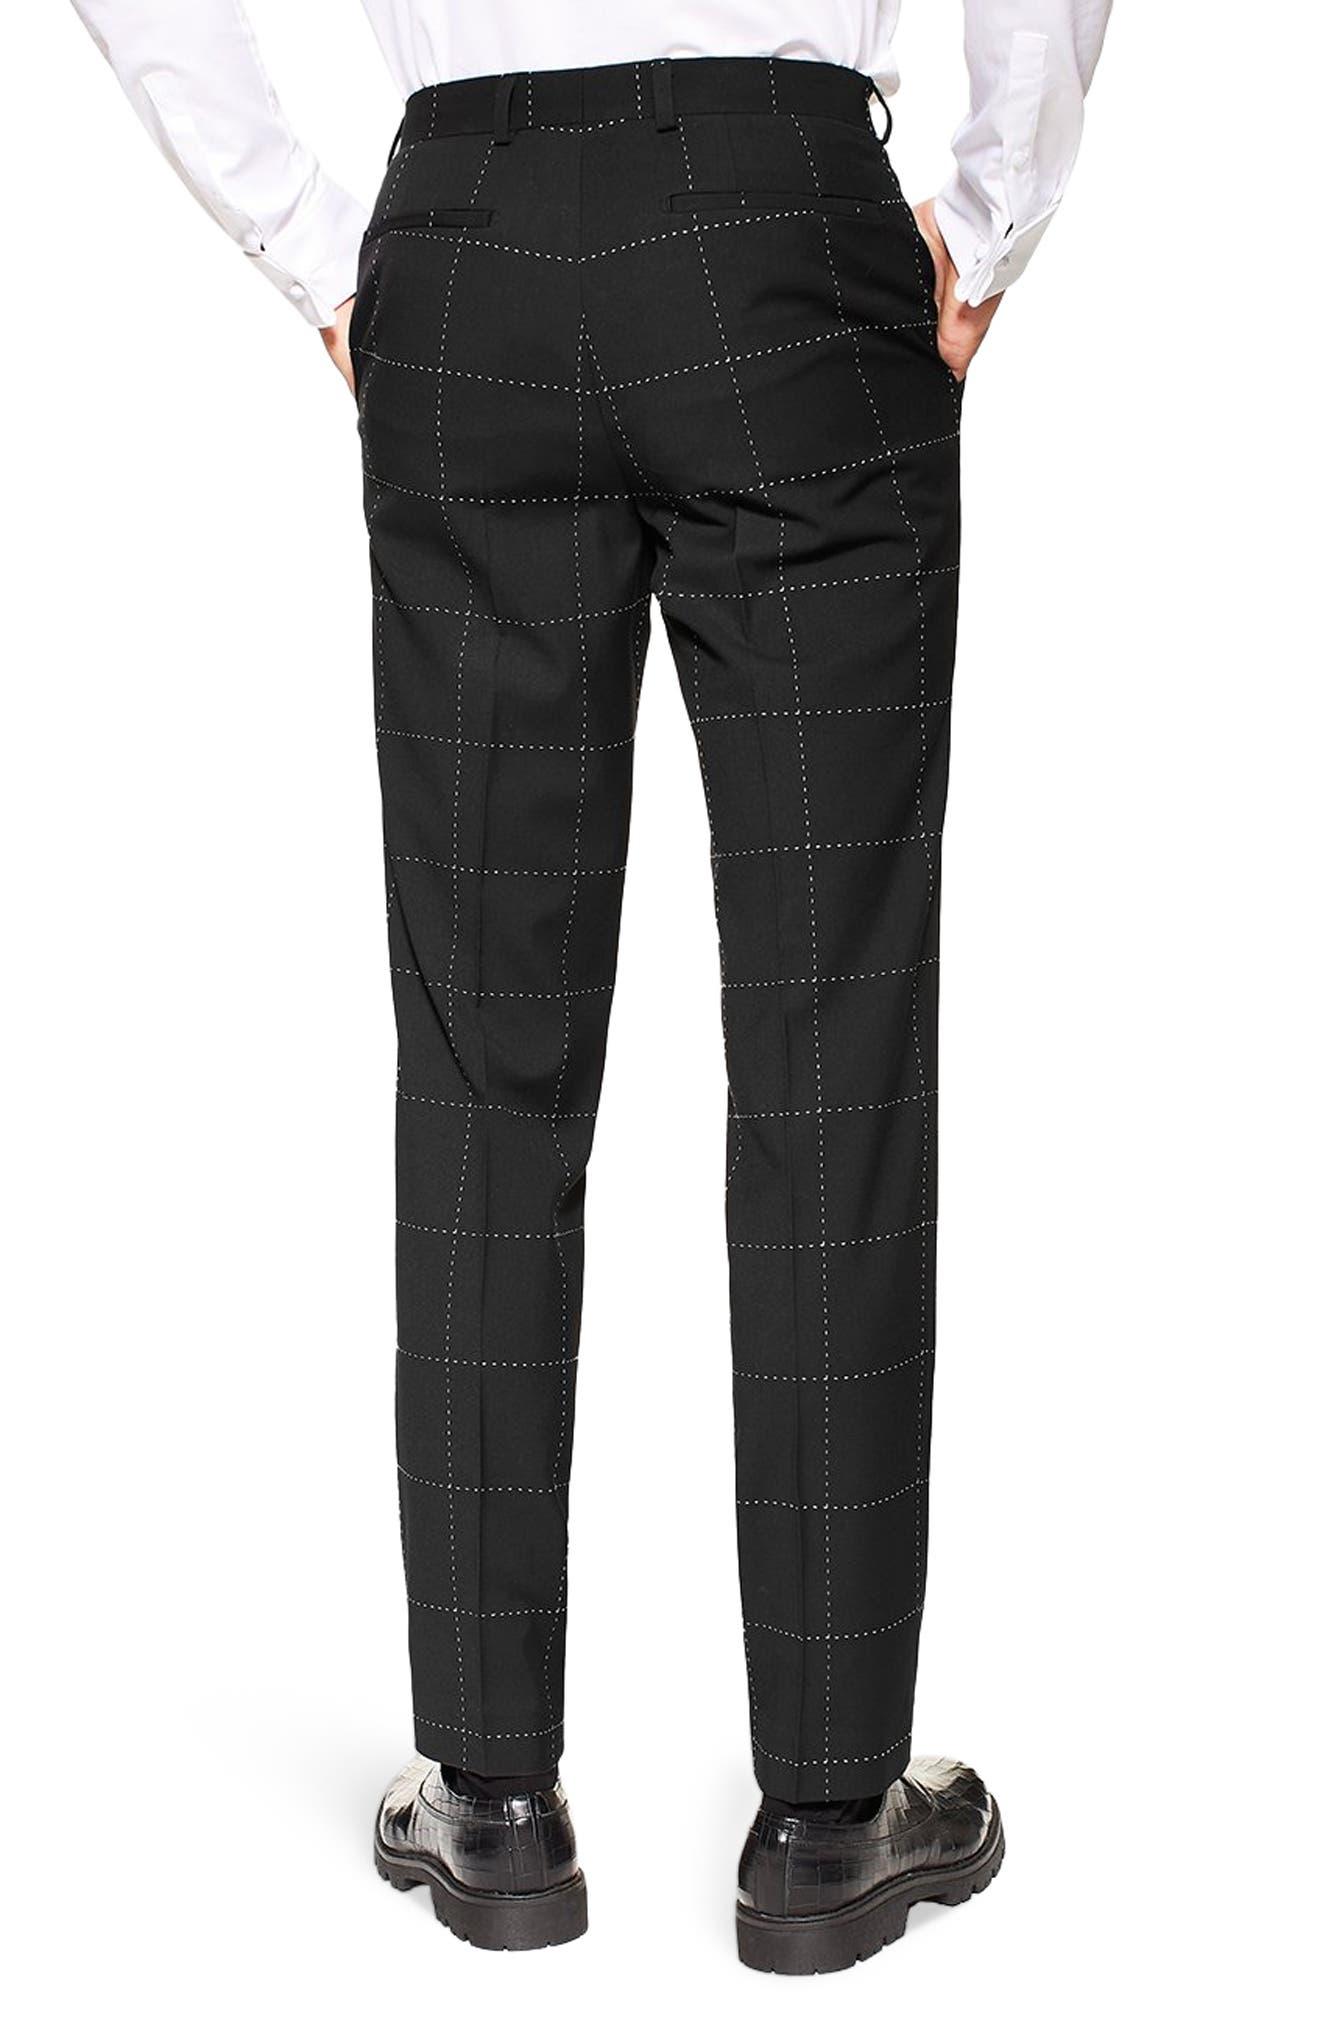 TOPMAN, Slim Fit Topstitched Suit Trousers, Alternate thumbnail 2, color, BLACK MULTI